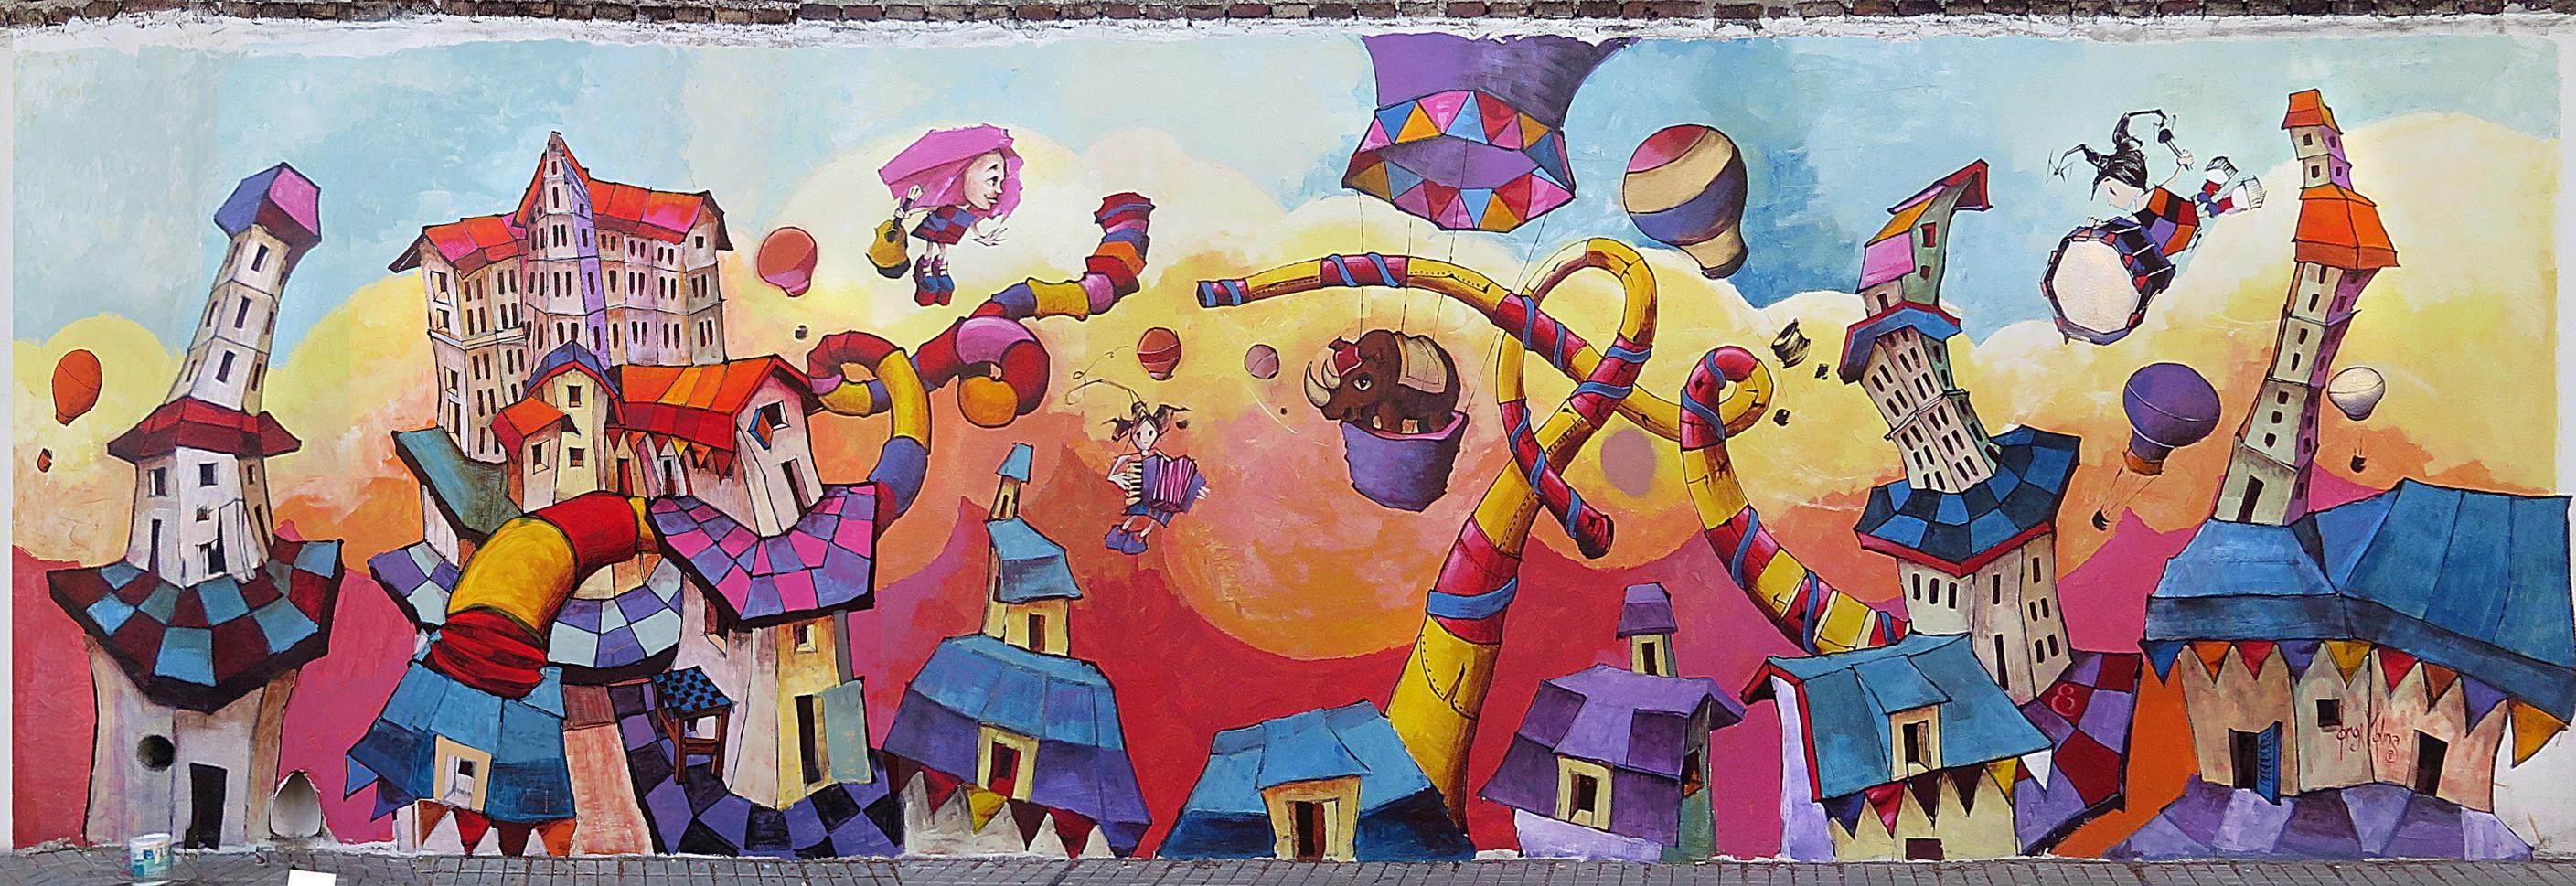 Arte urbano: proponen buscar un tesoro entre murales